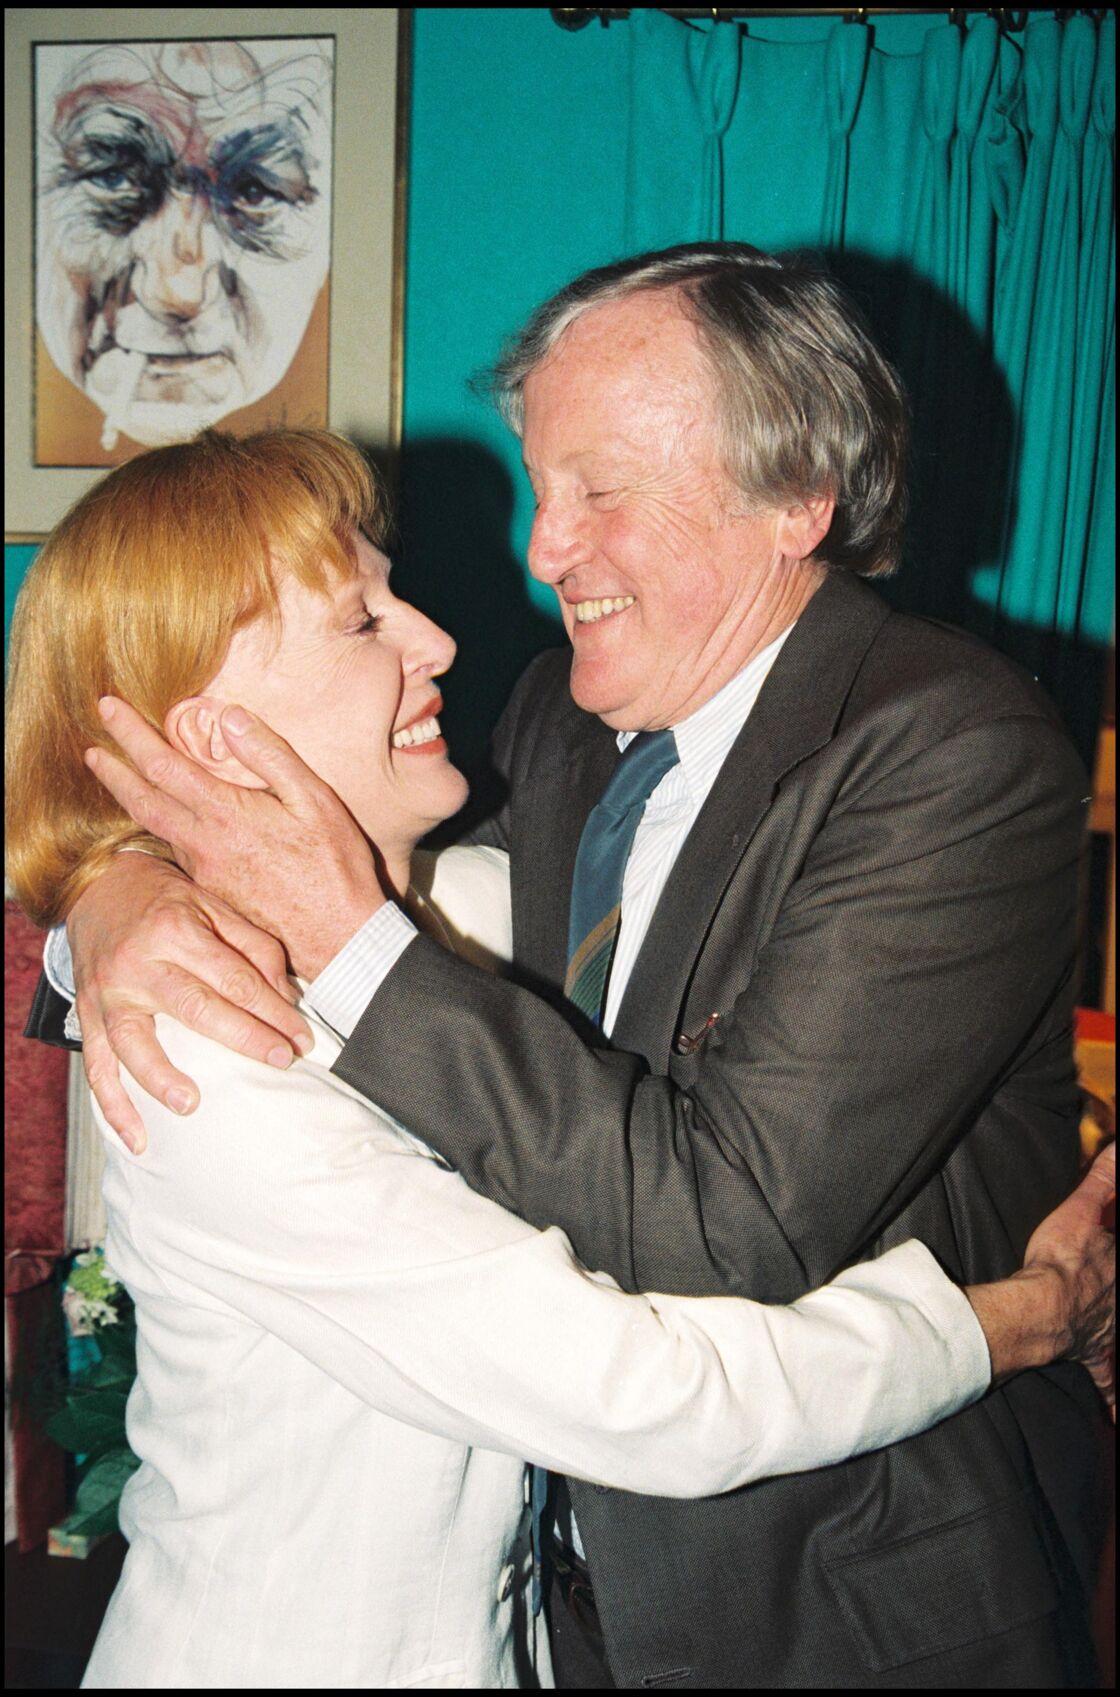 Mariés depuis plus de cinquante ans, Claude et Catherine Rich ont longtemps formé un couple aimant et fusionnel.